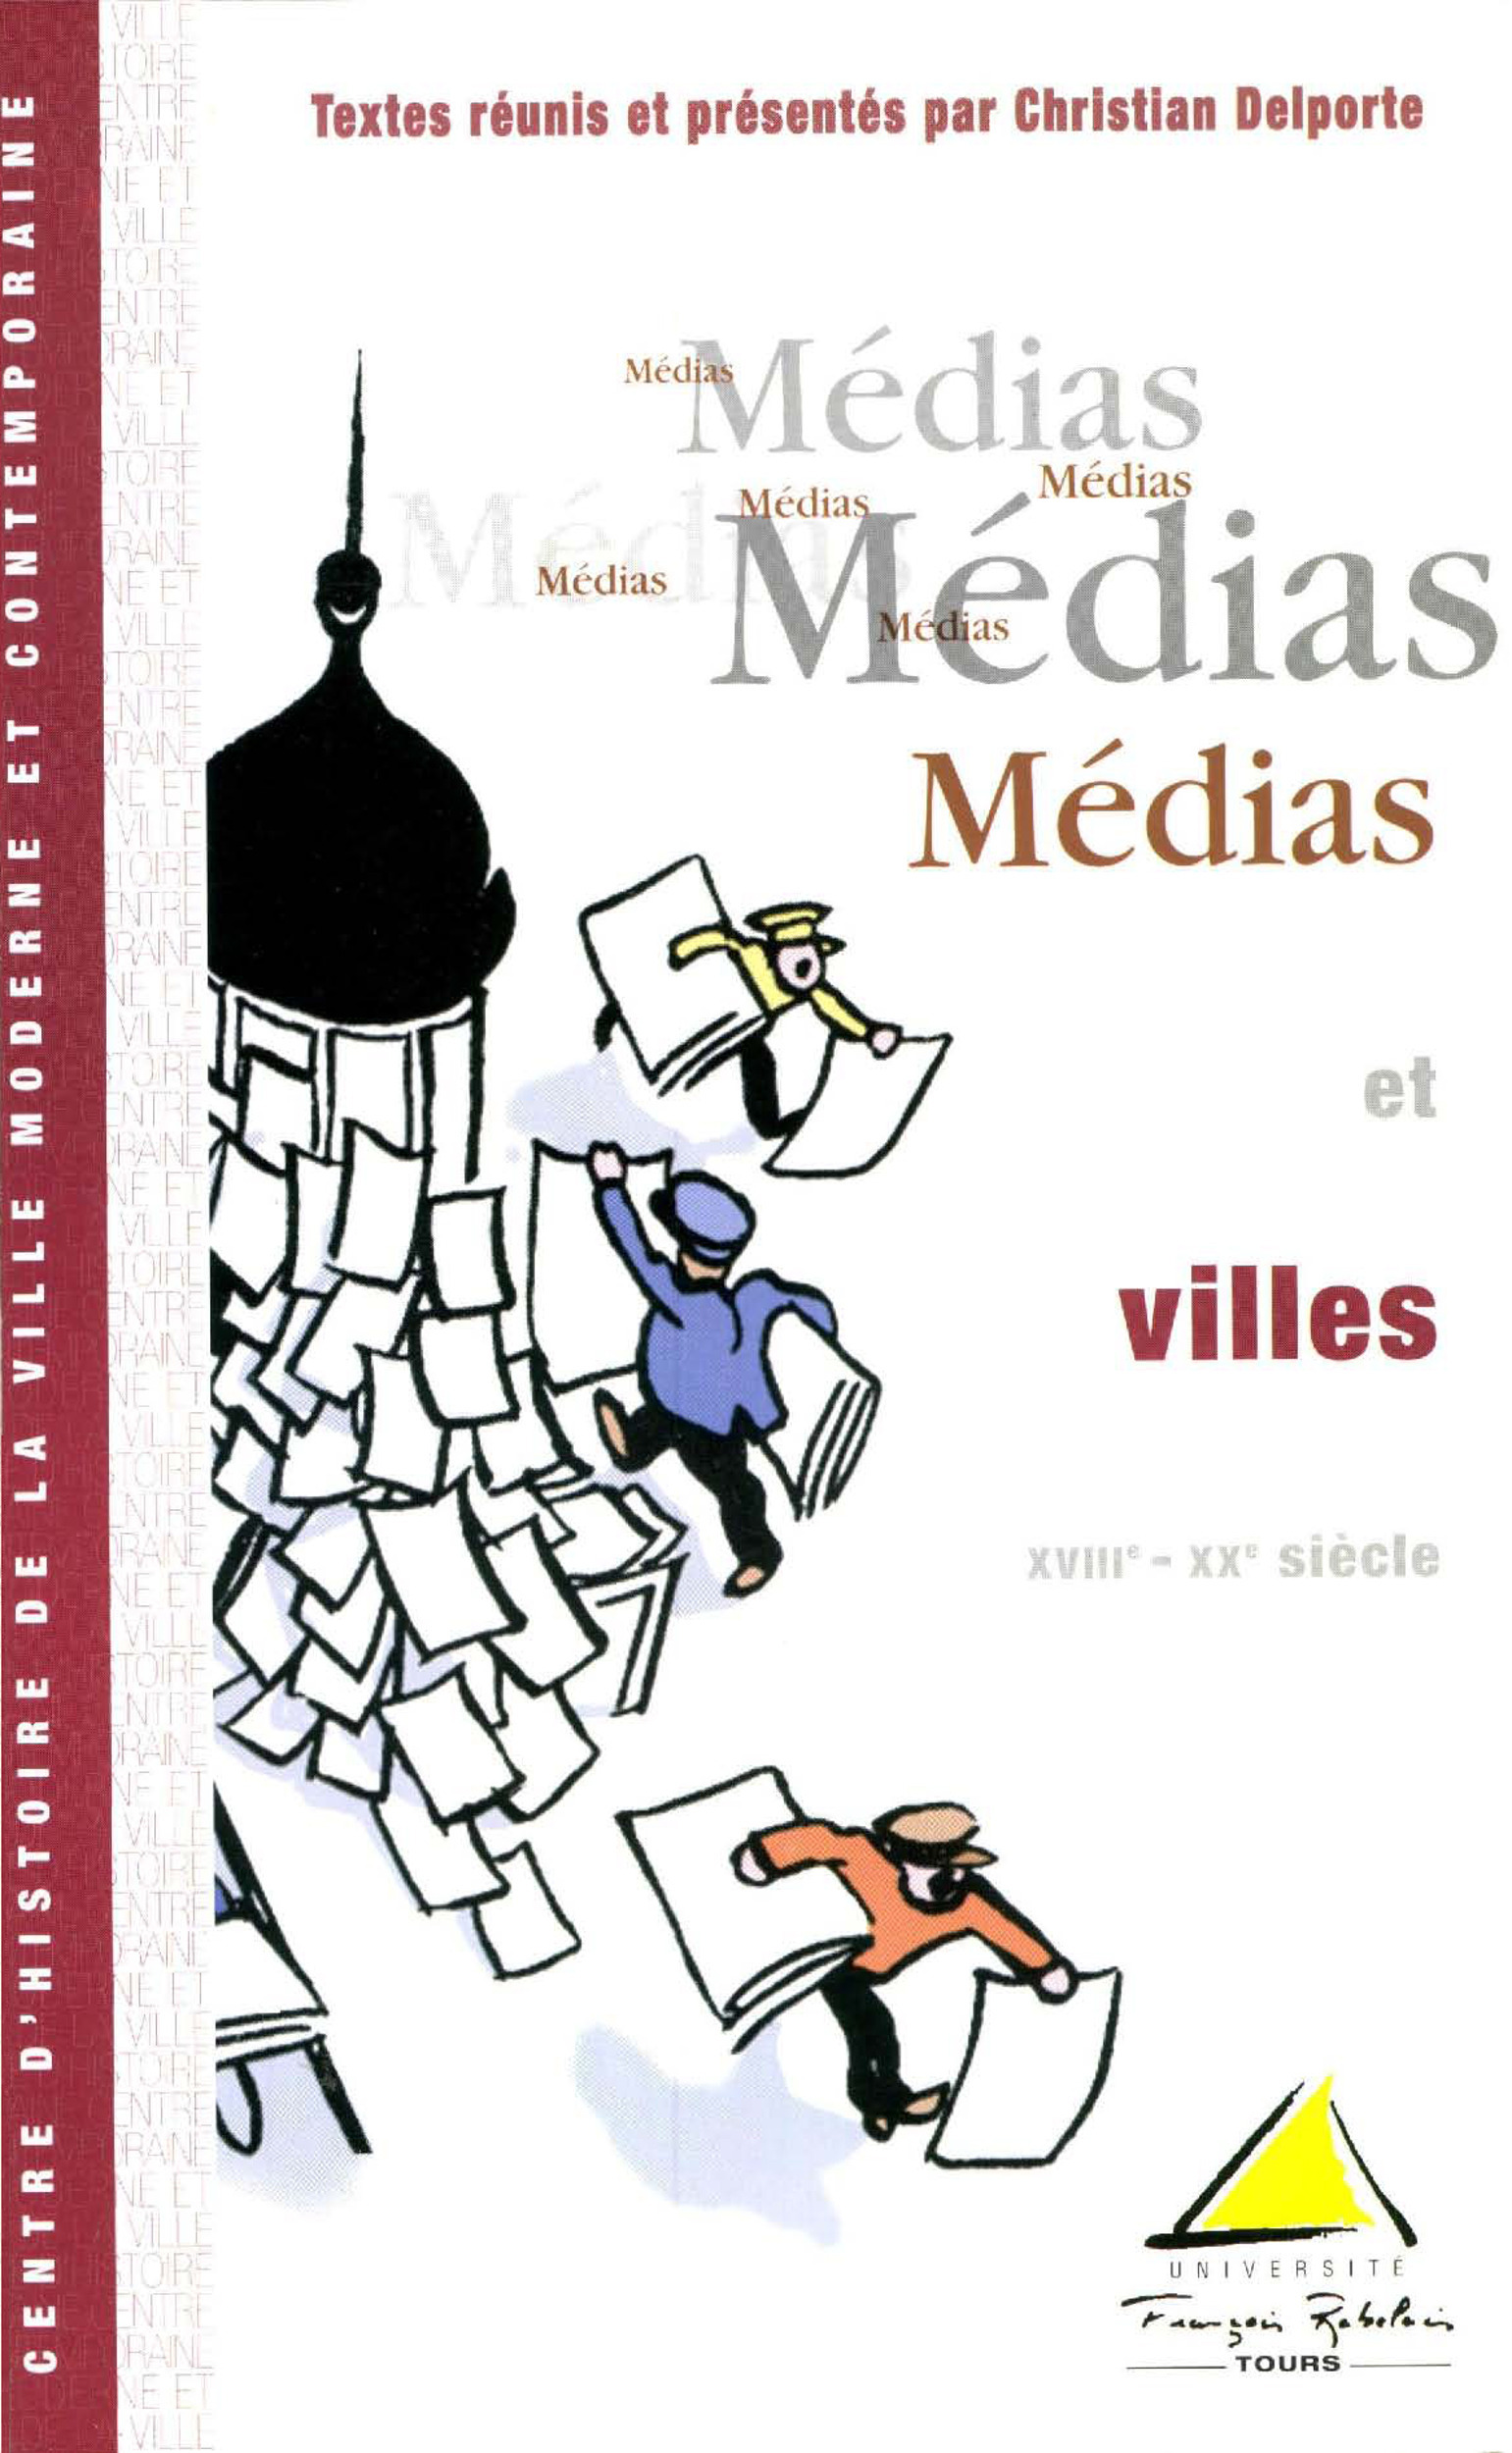 Médias et villes, XVIIIe-XXe siècle